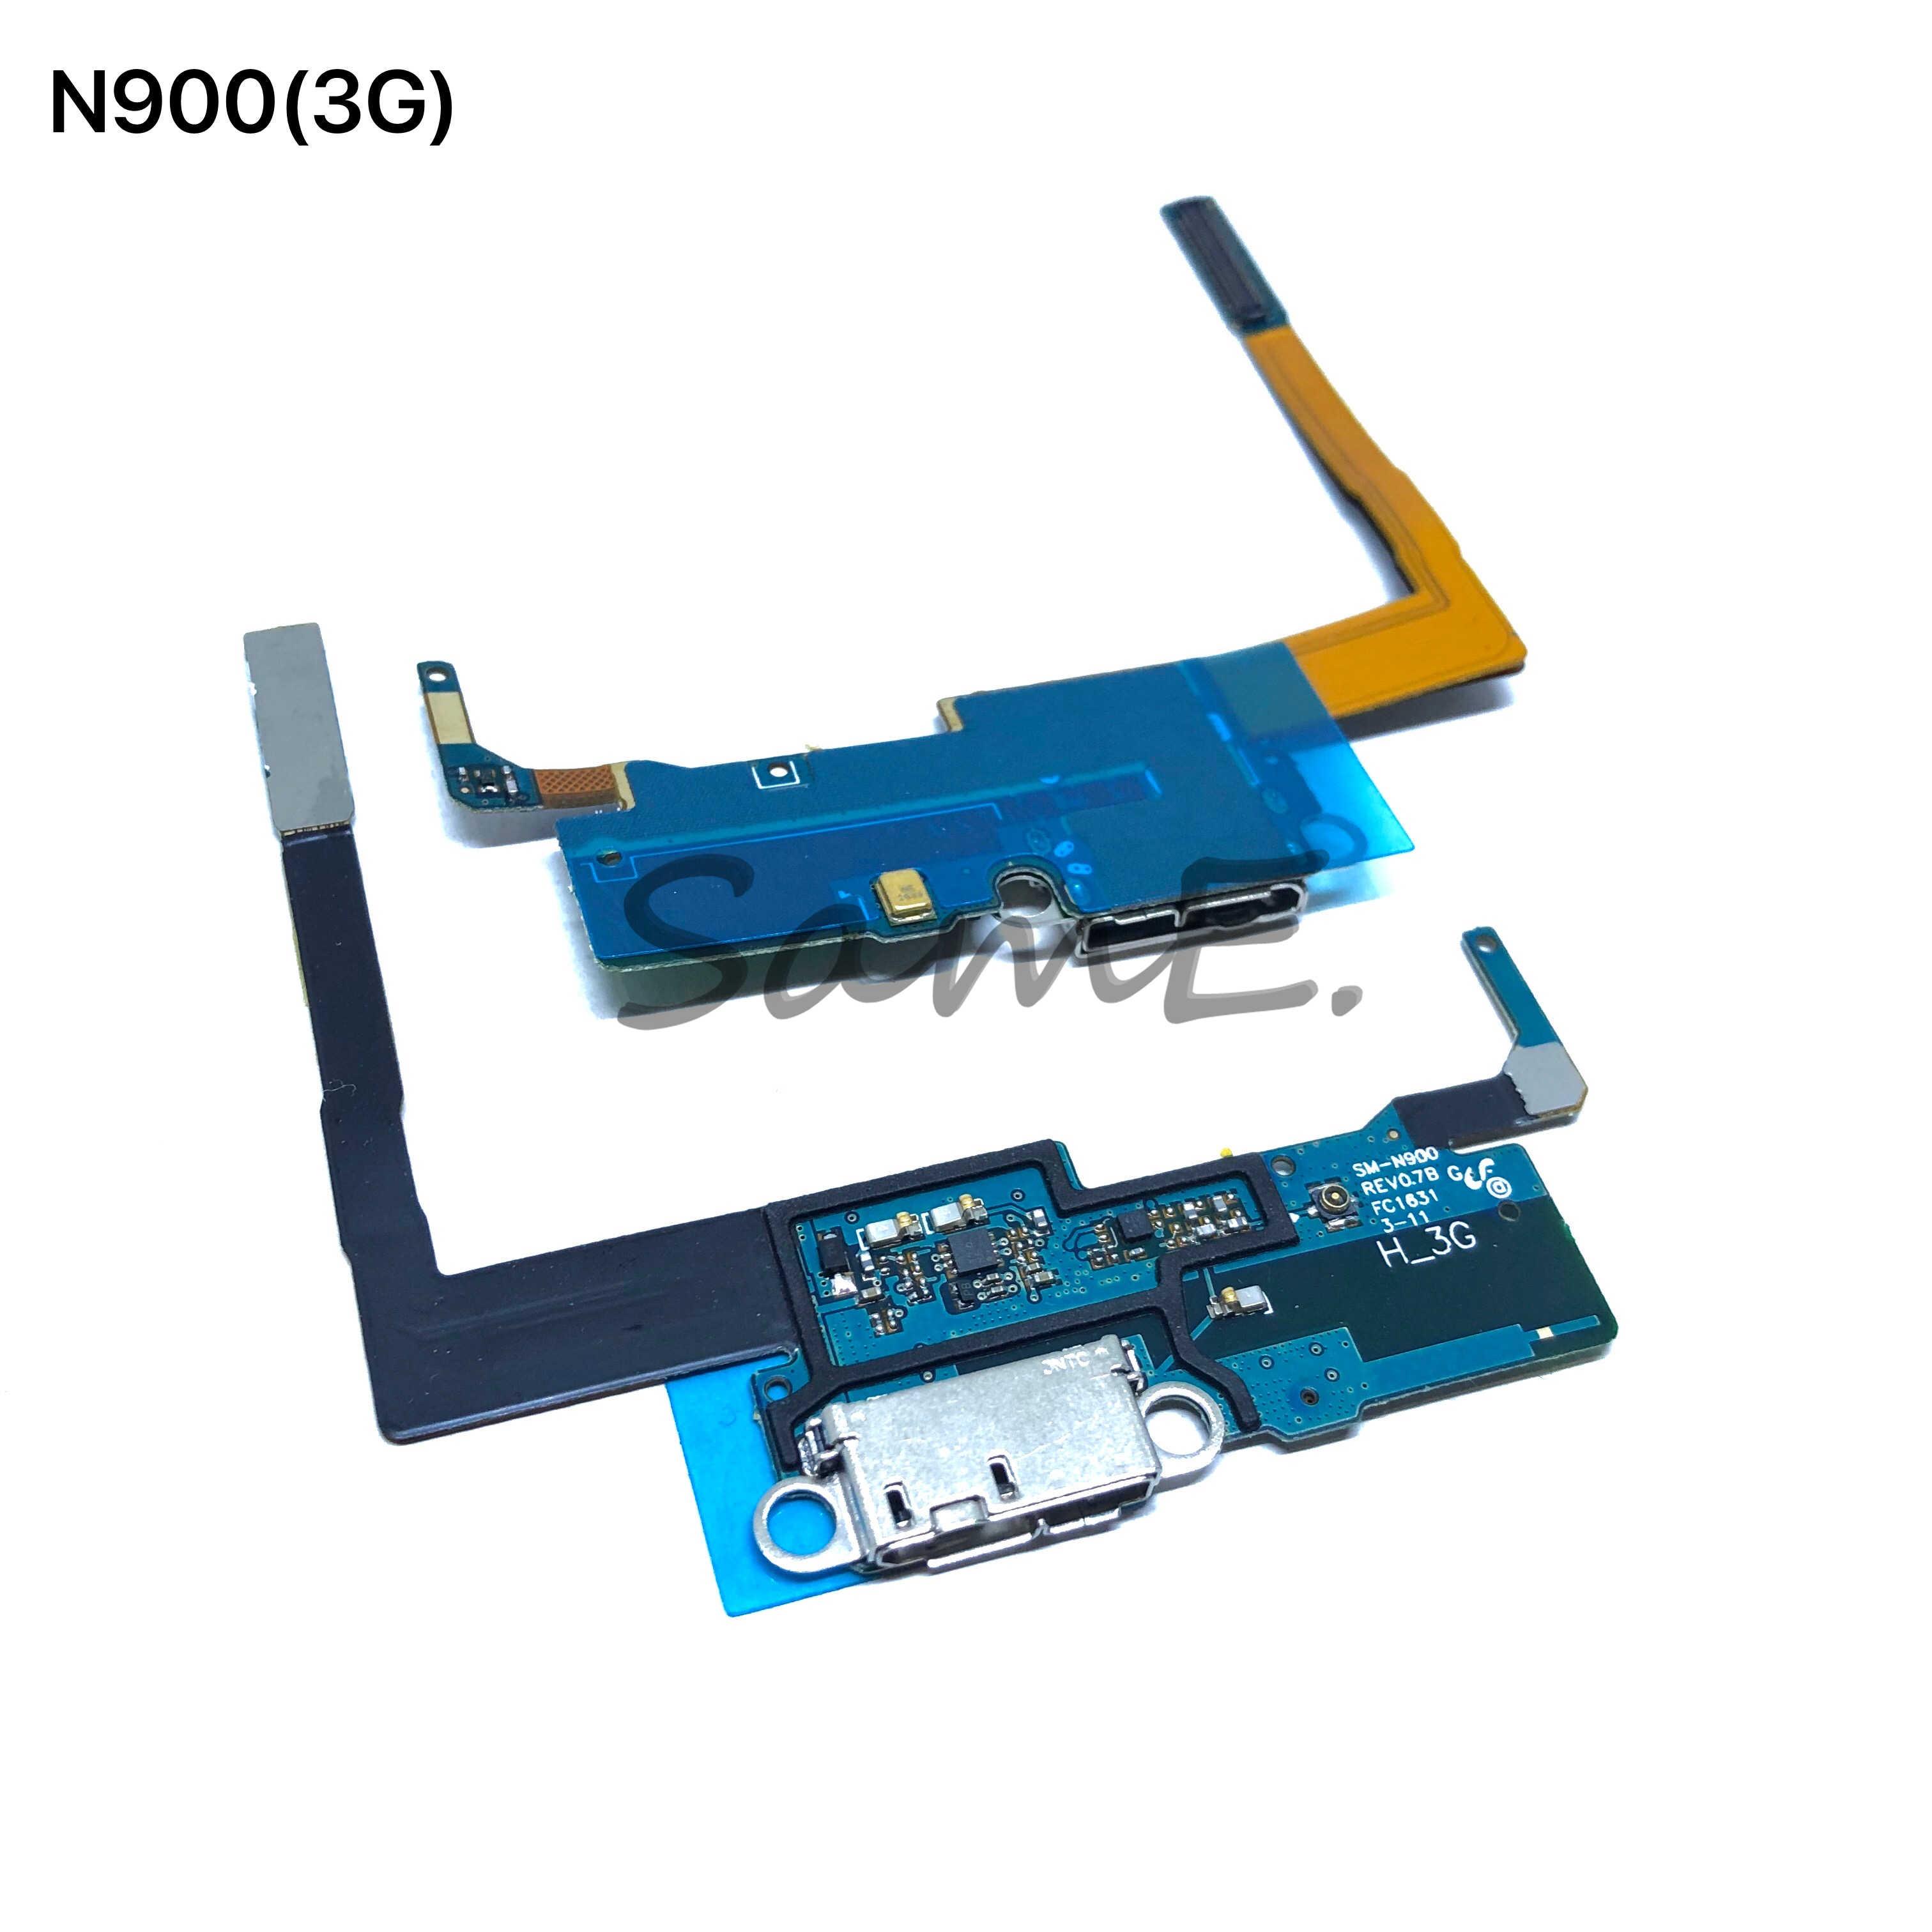 Port Pengisian USB Charger Dock Konektor Kabel Fleksibel untuk Samsung Note2 N7100 N7105 I317 Note3 N900 N9005 N900A N900V